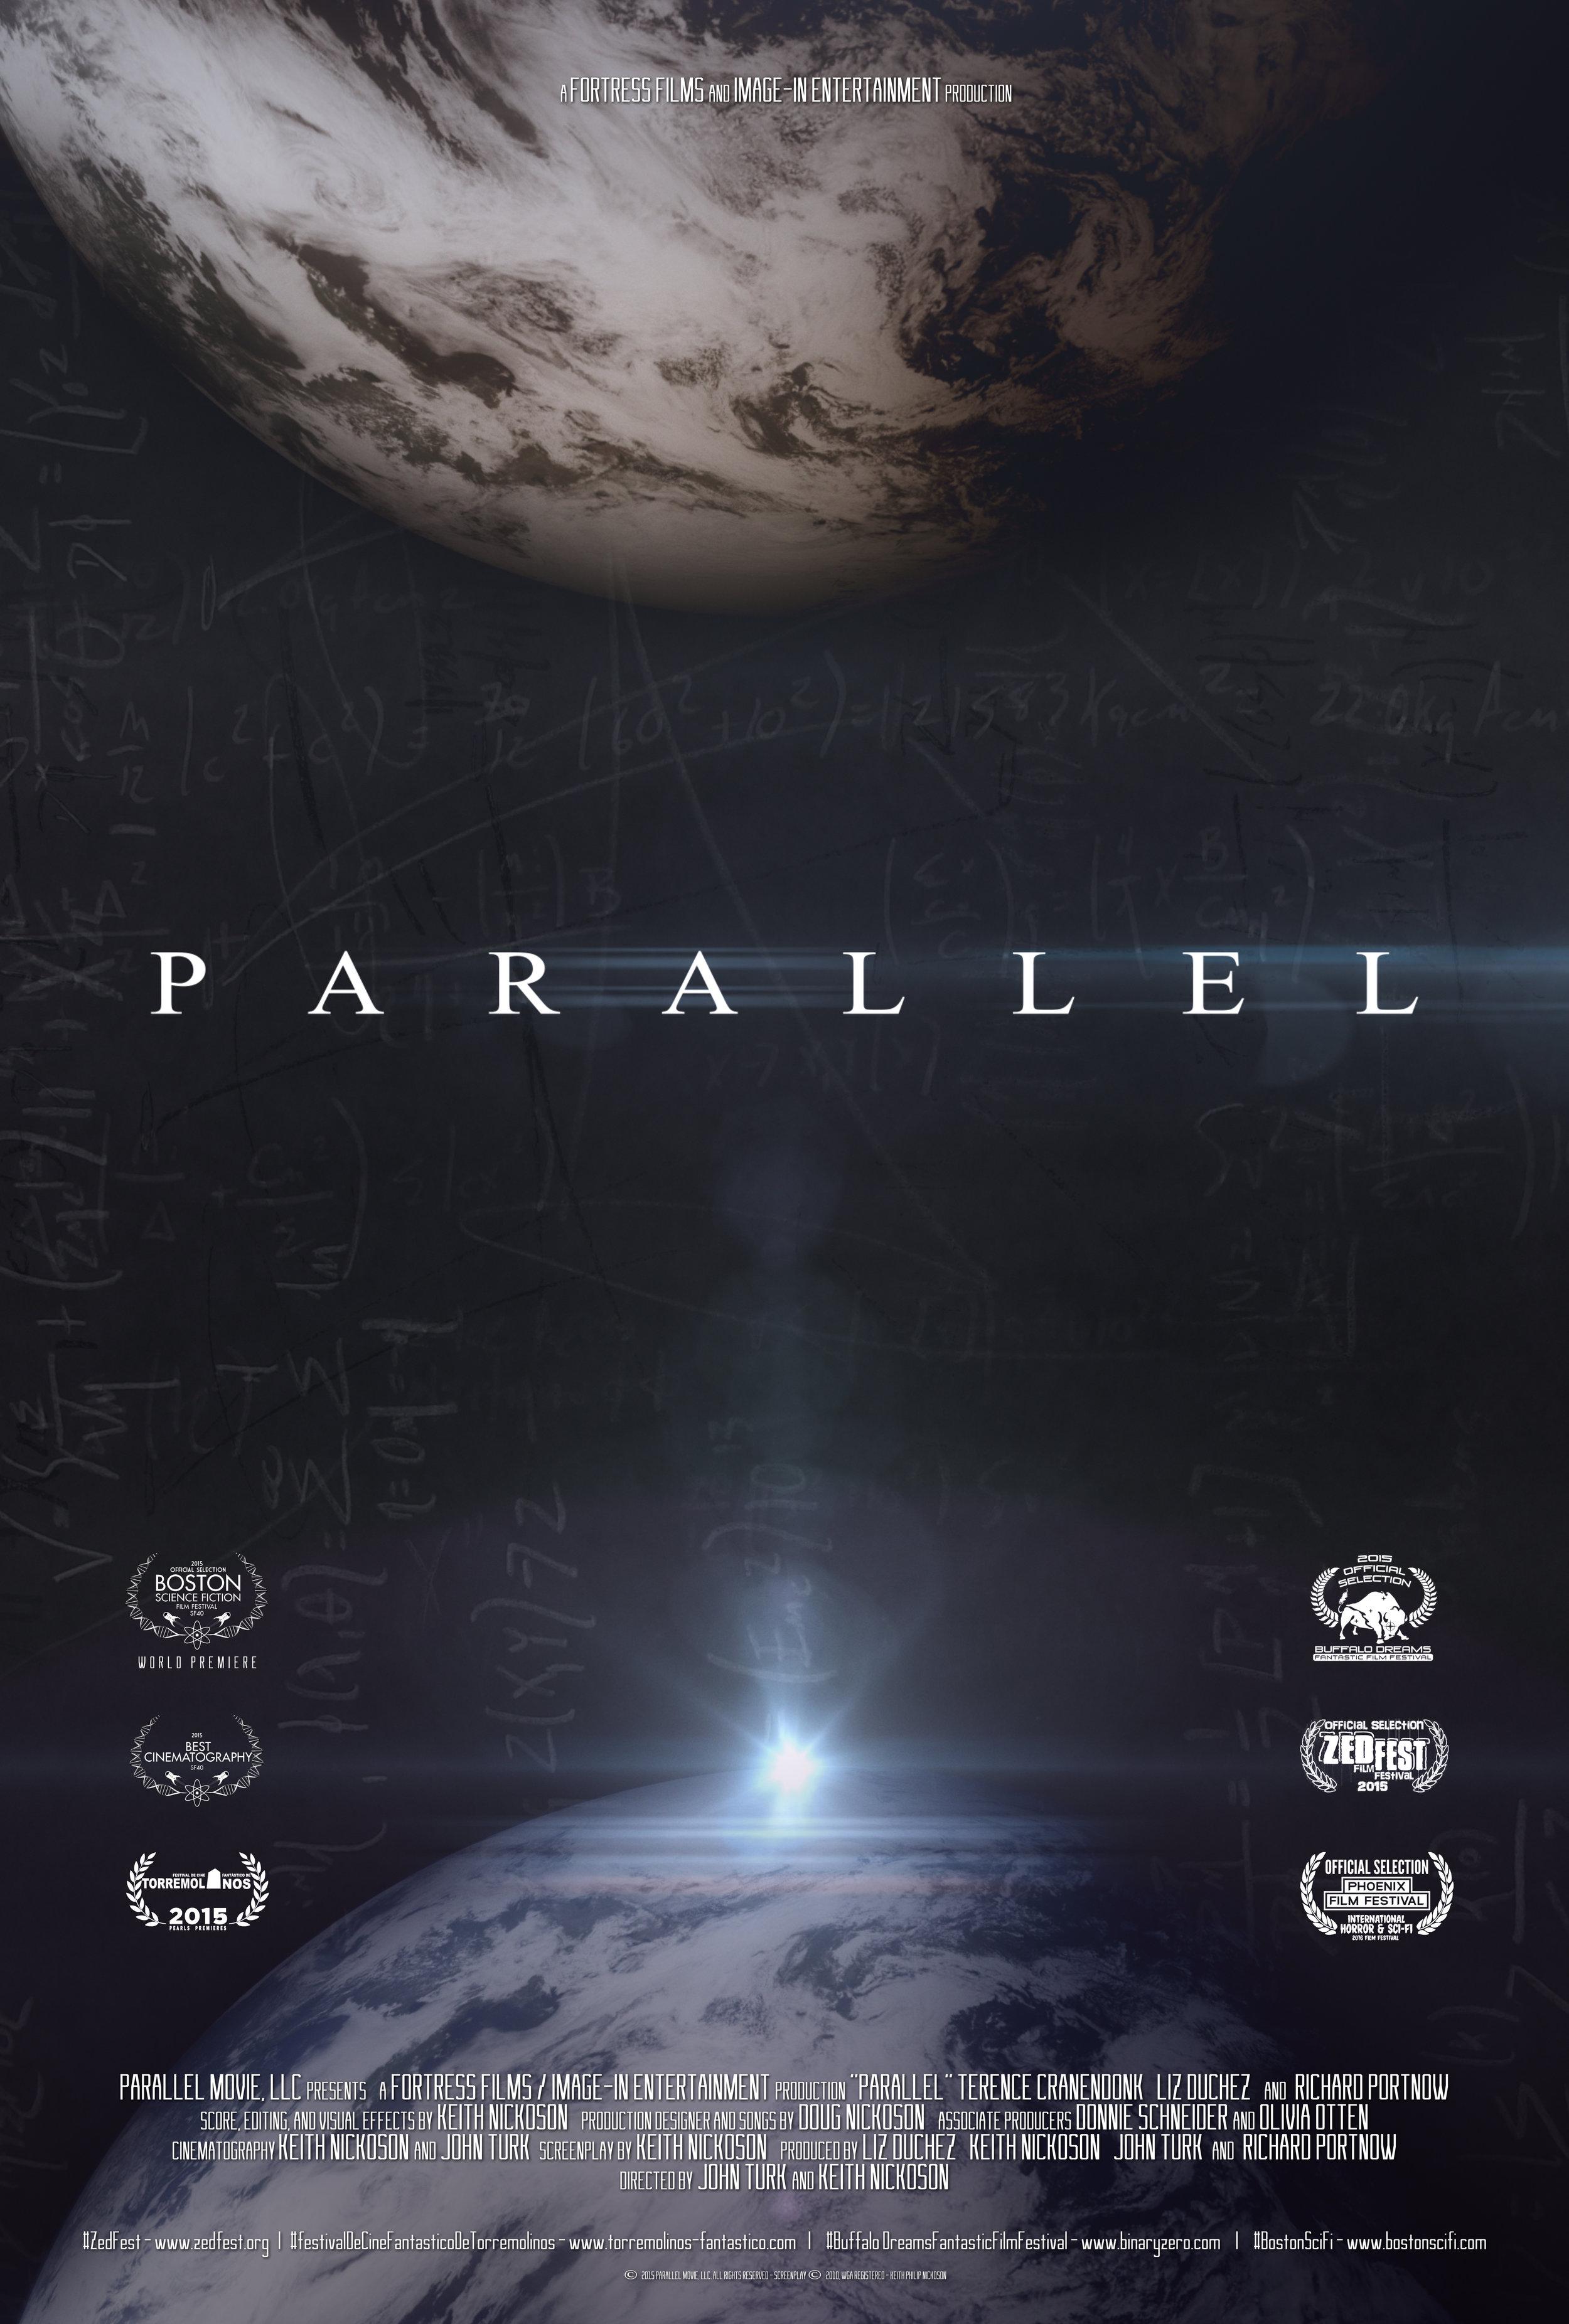 Parallel_Festival_Poster_MAR_2016.jpg